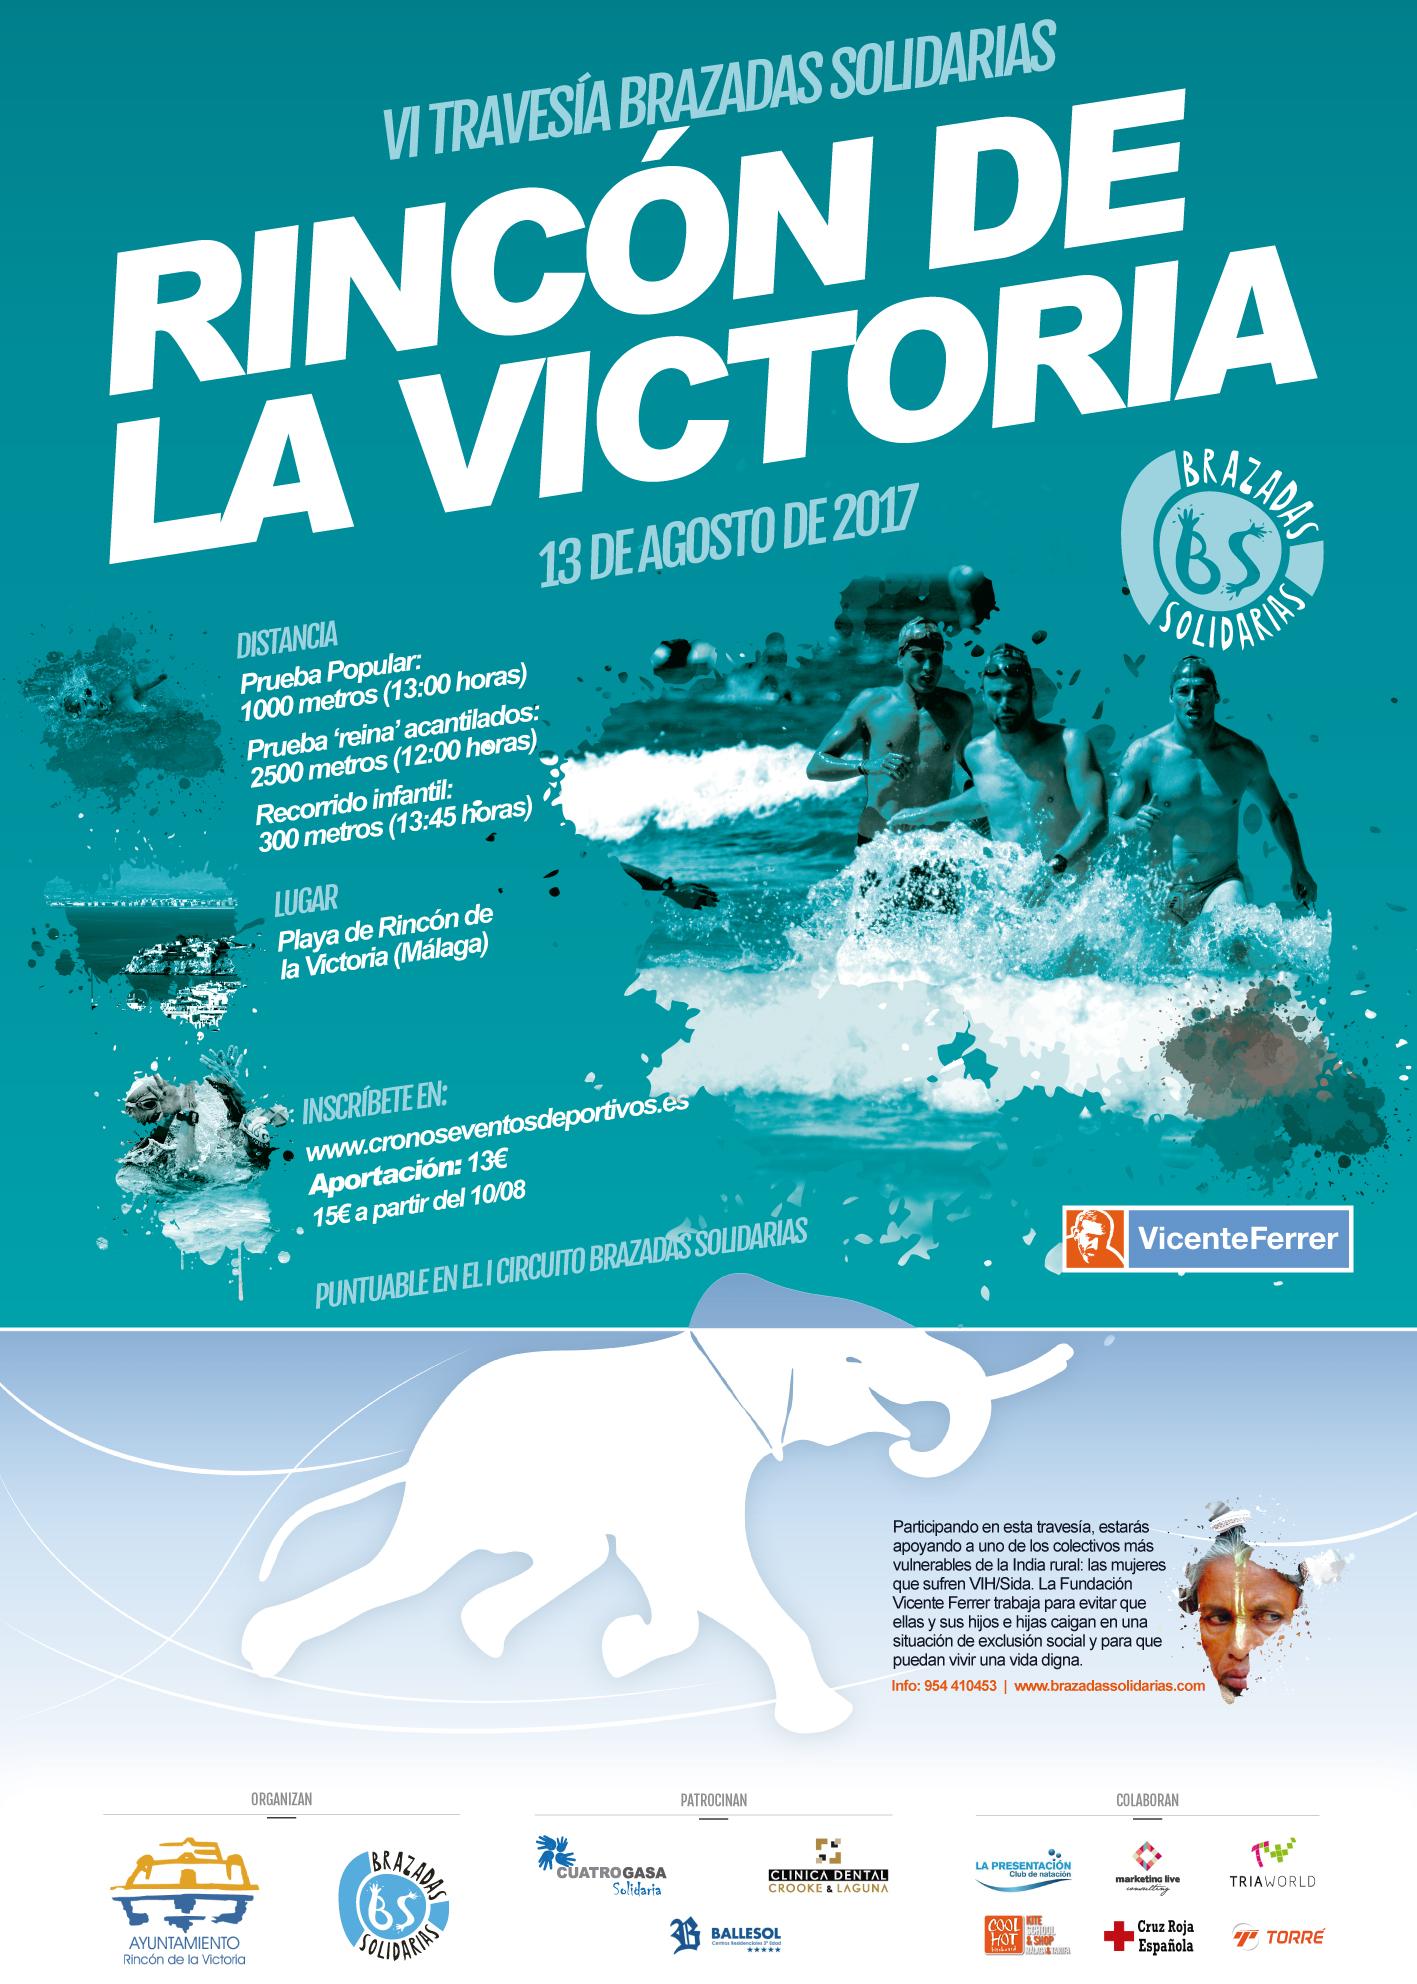 Travesía Brazadas Solidarias Acantilados Rincón de la Victoria